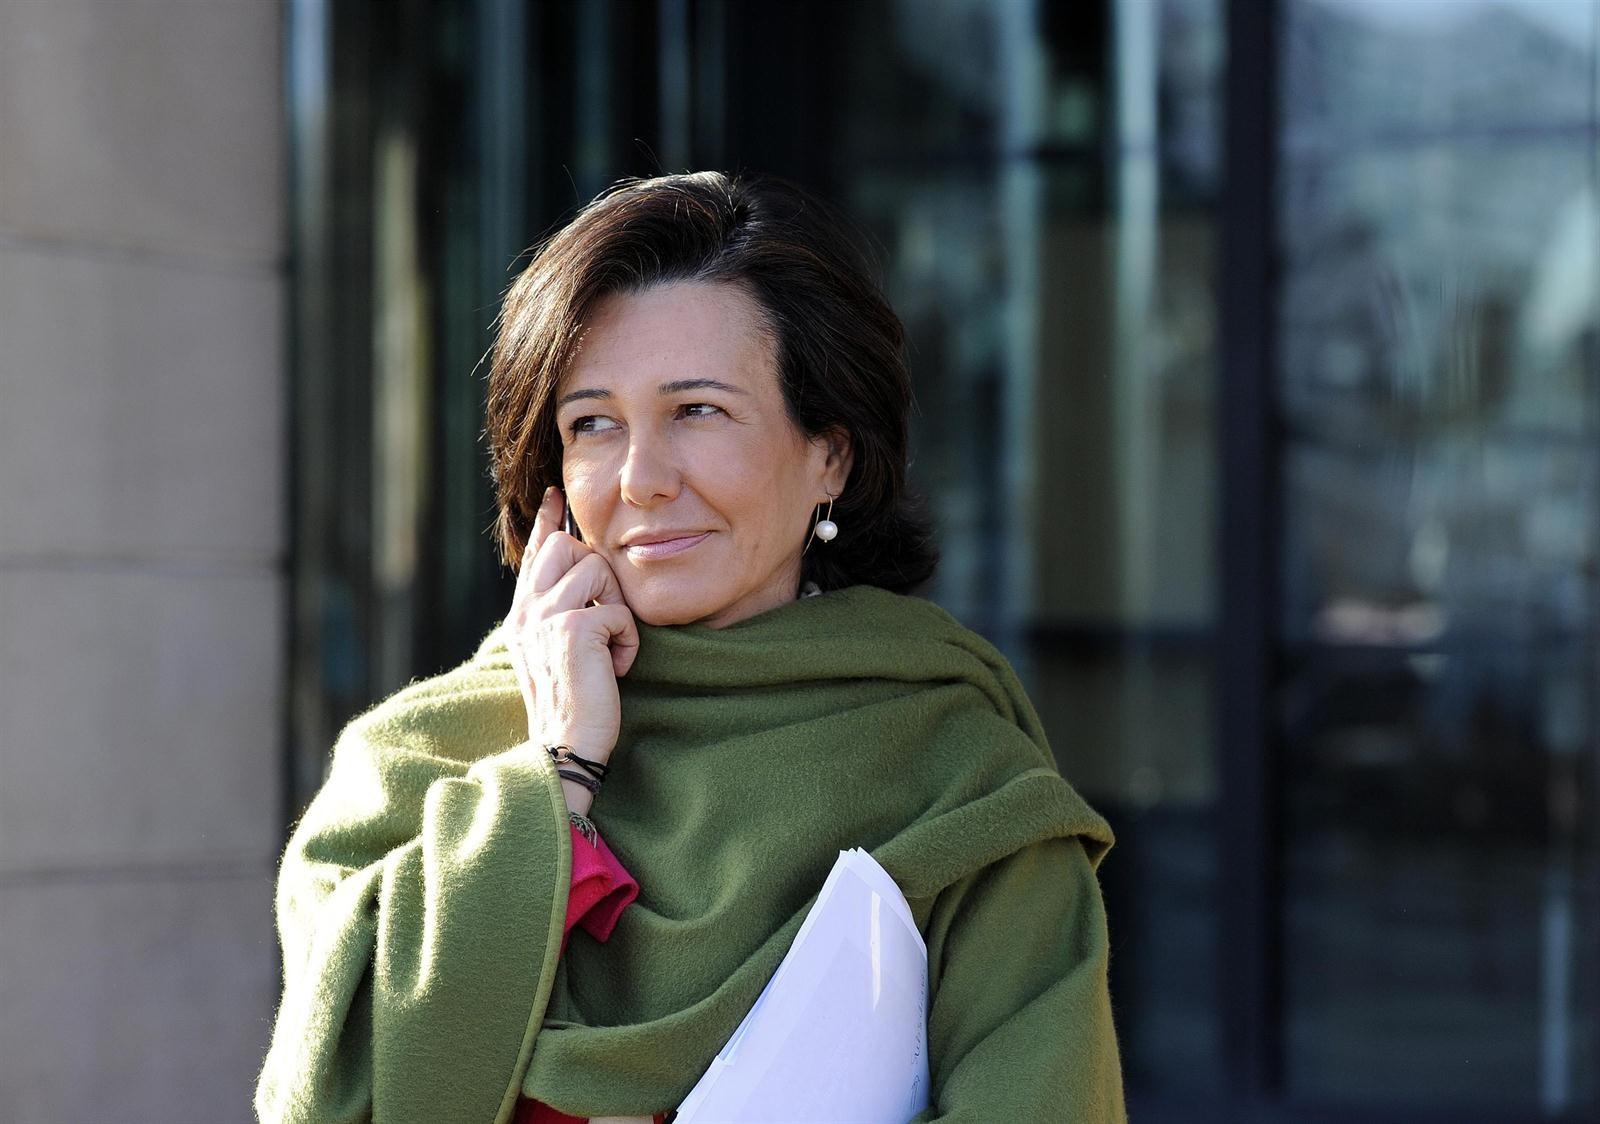 實力與背景兼具,接掌世界第二大金融集團的 Ana Patricia Botín